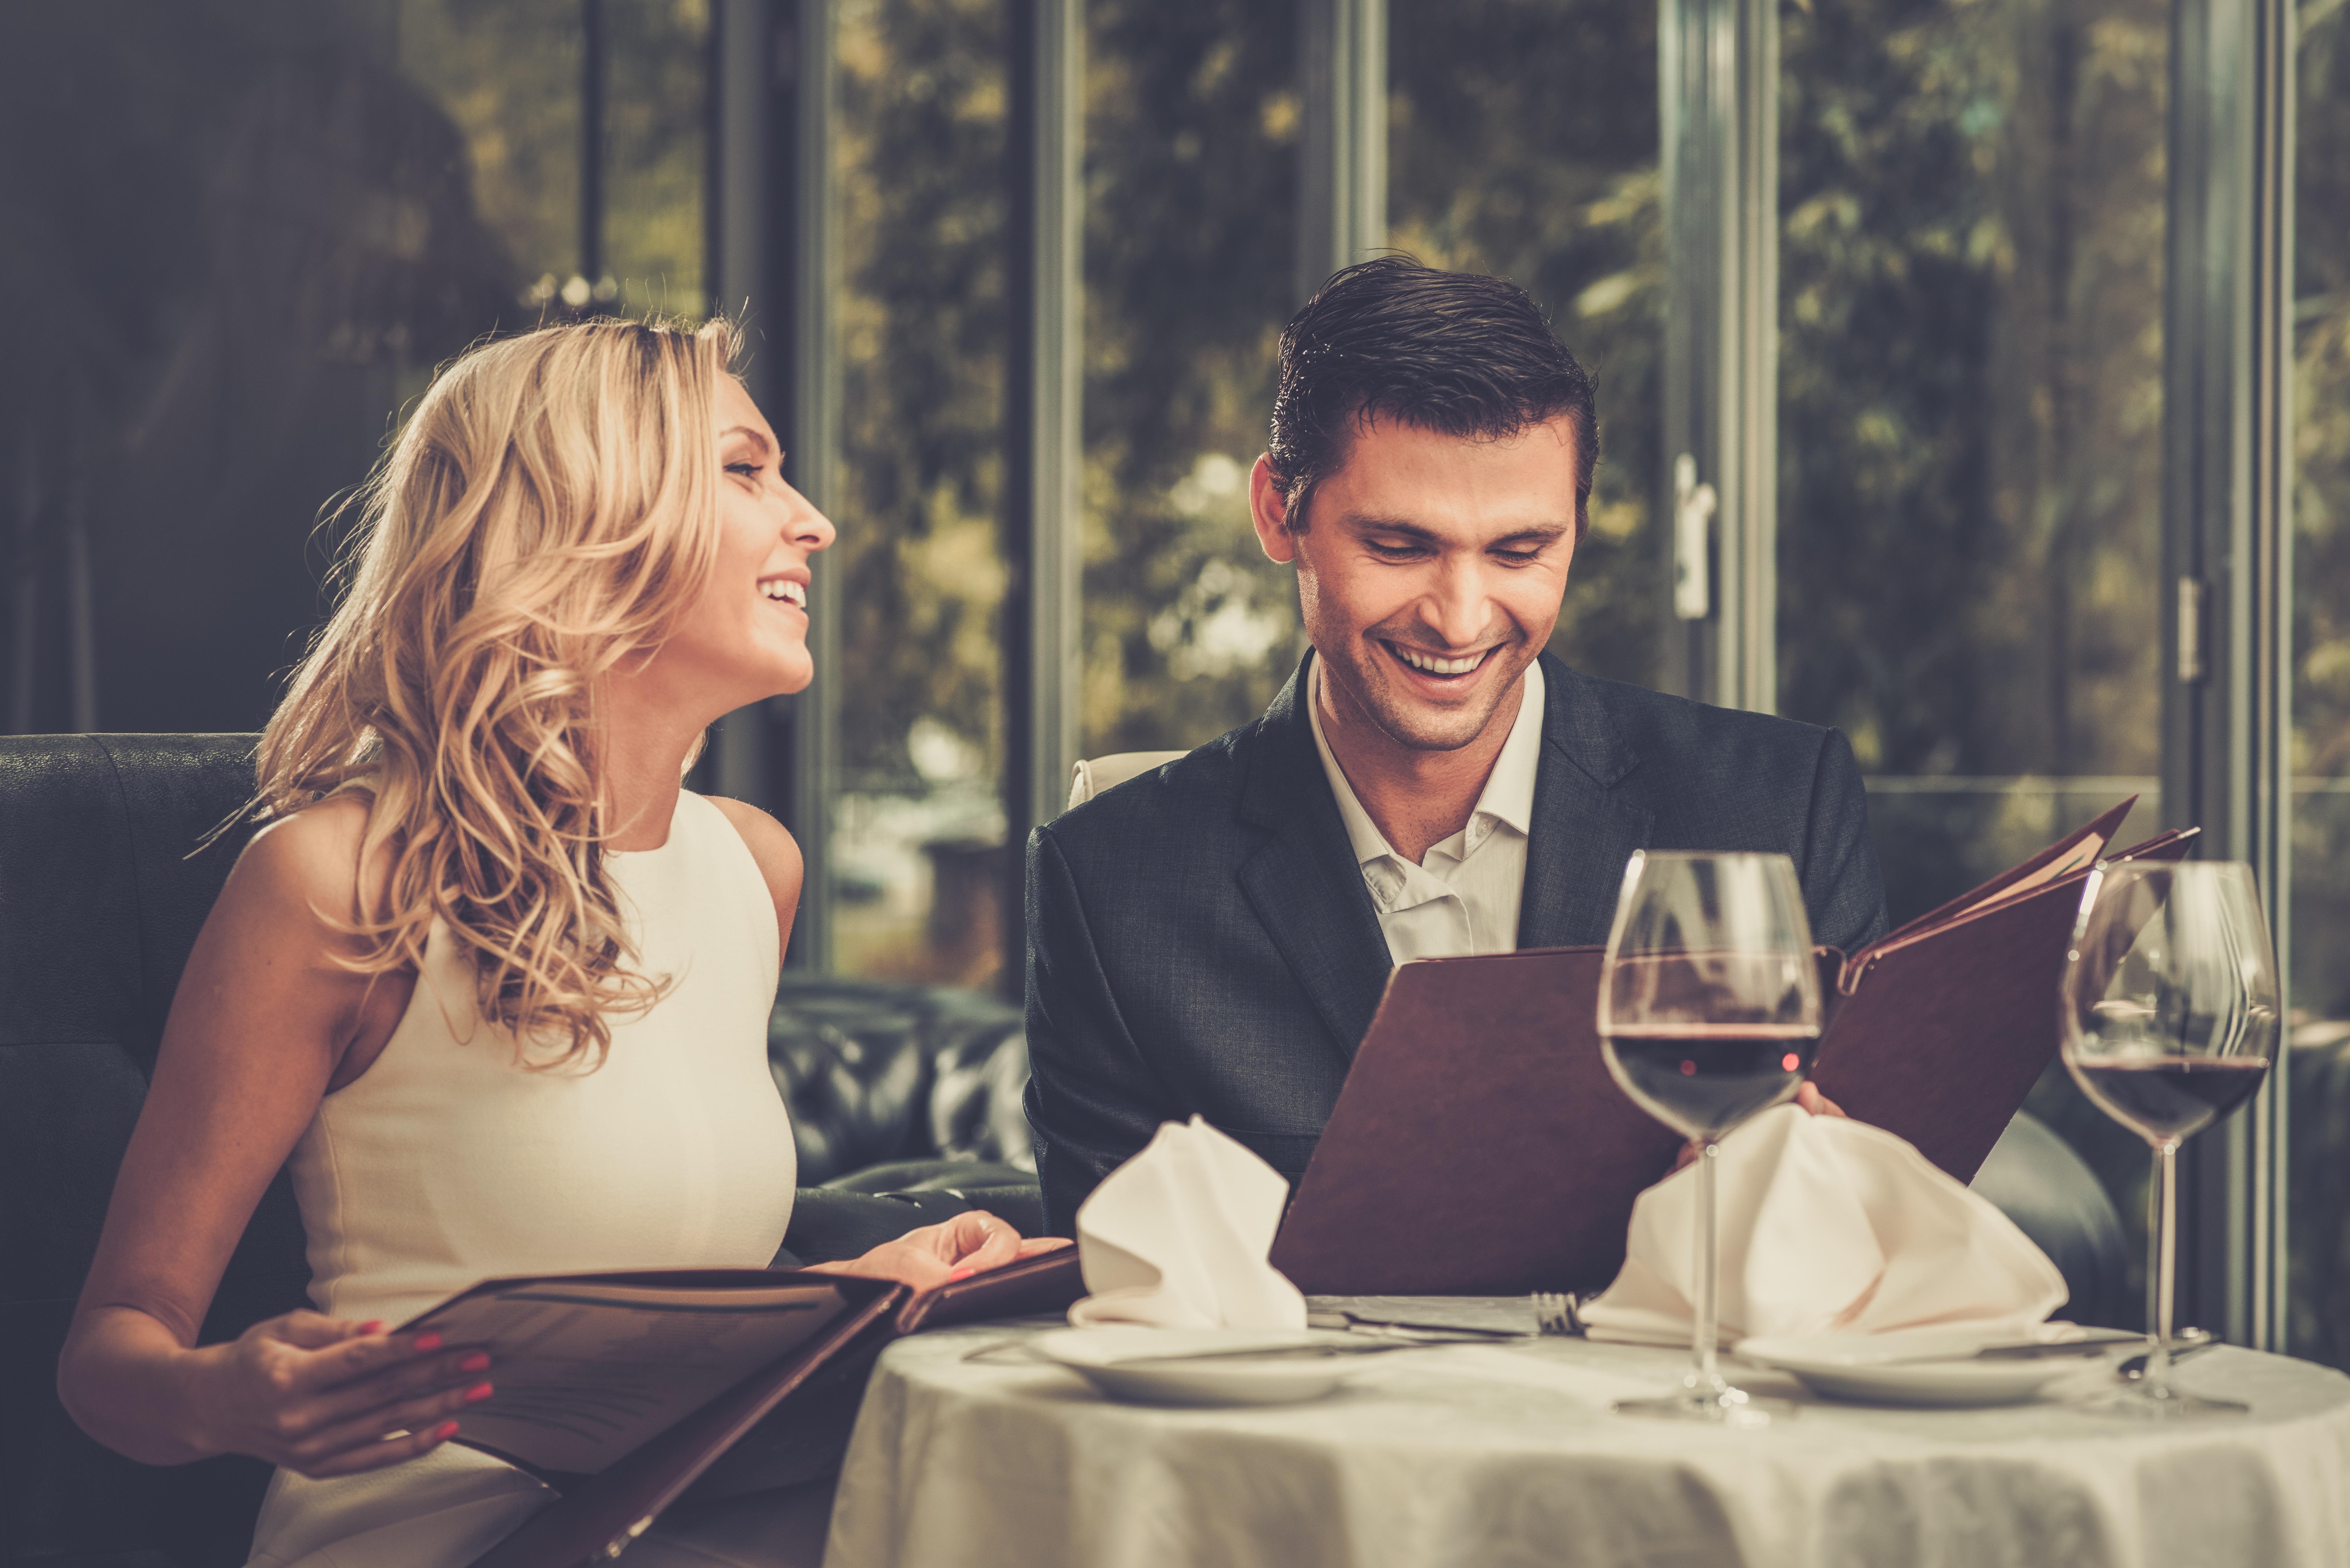 beste gratis datingside i Japan